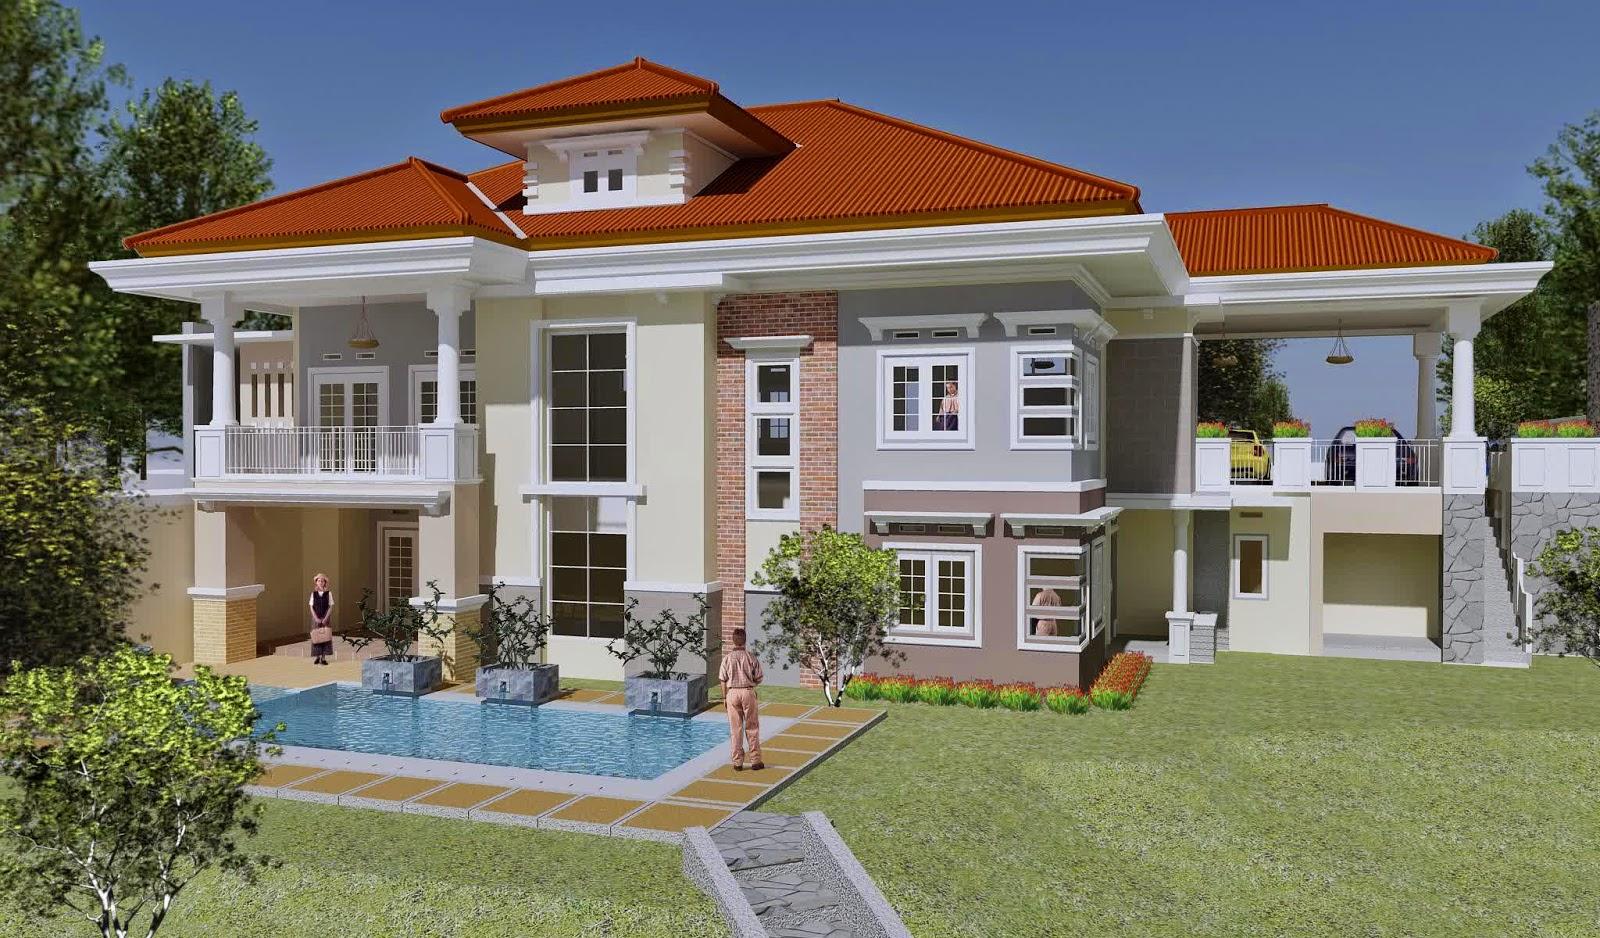 Gambarjitucom via gambarjitu.com. Desain Rumah Mewah ... & Desain Rumah Mewah The Sims   Sobat Interior Rumah